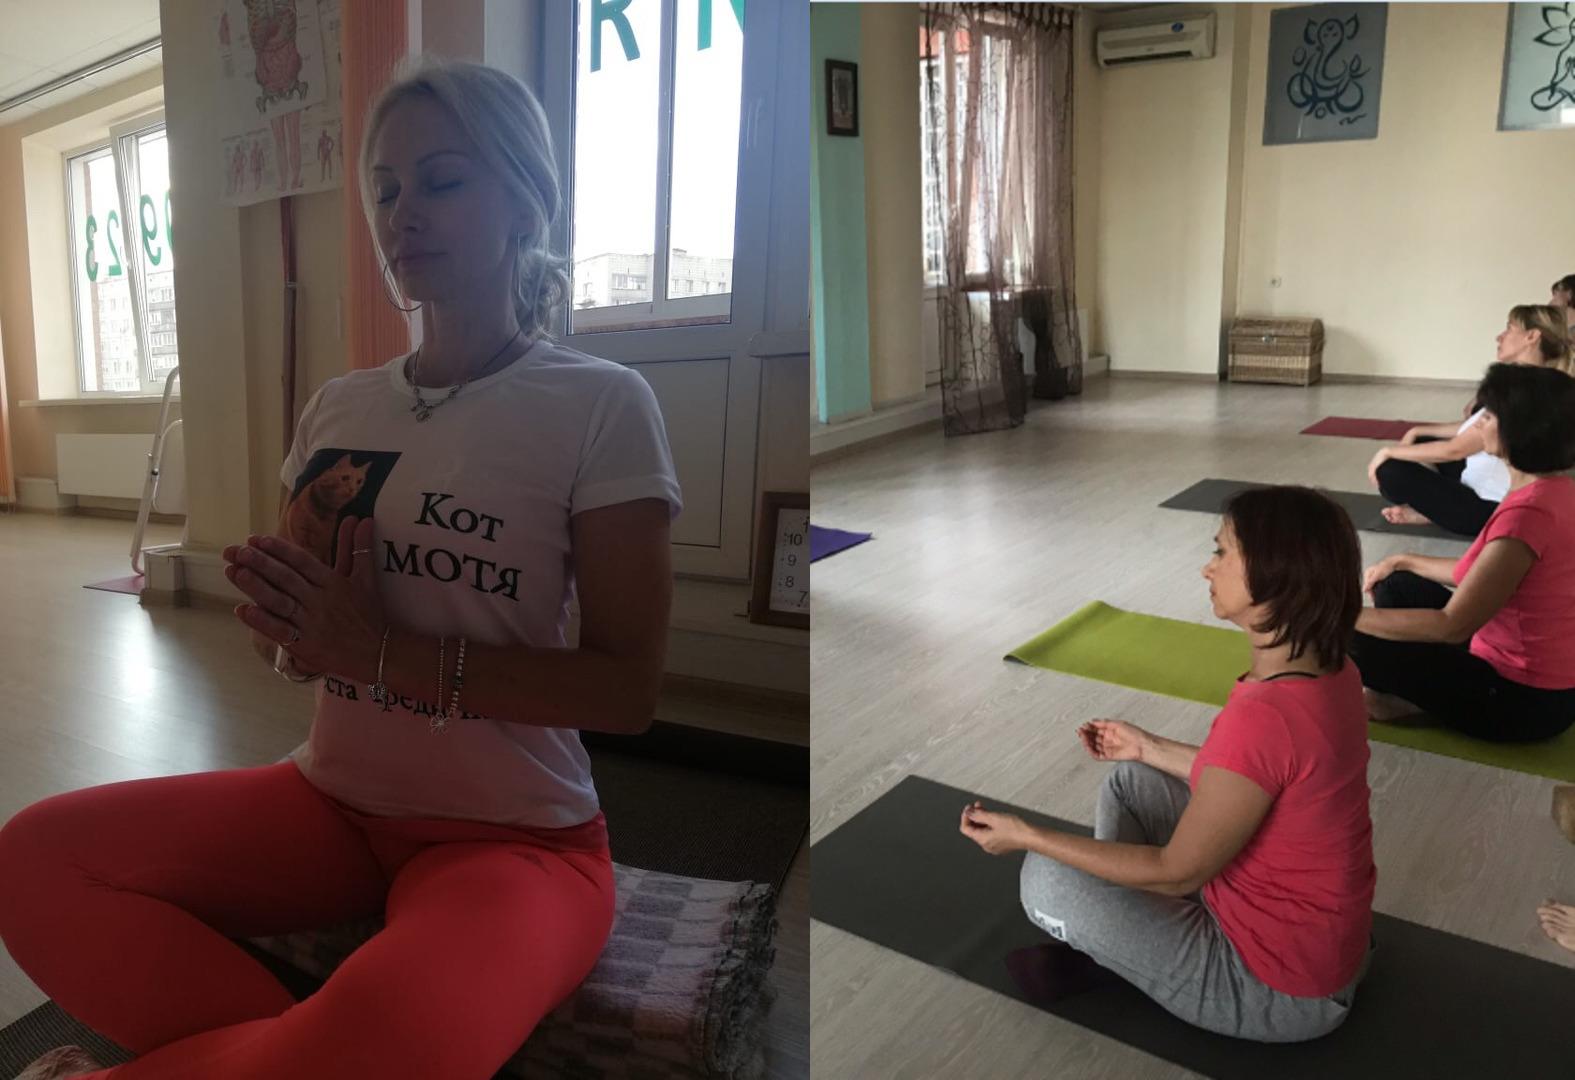 По словам директора студии, 90% посетителей йоги не знали о том, что в Академгородке произошла такая ситуация